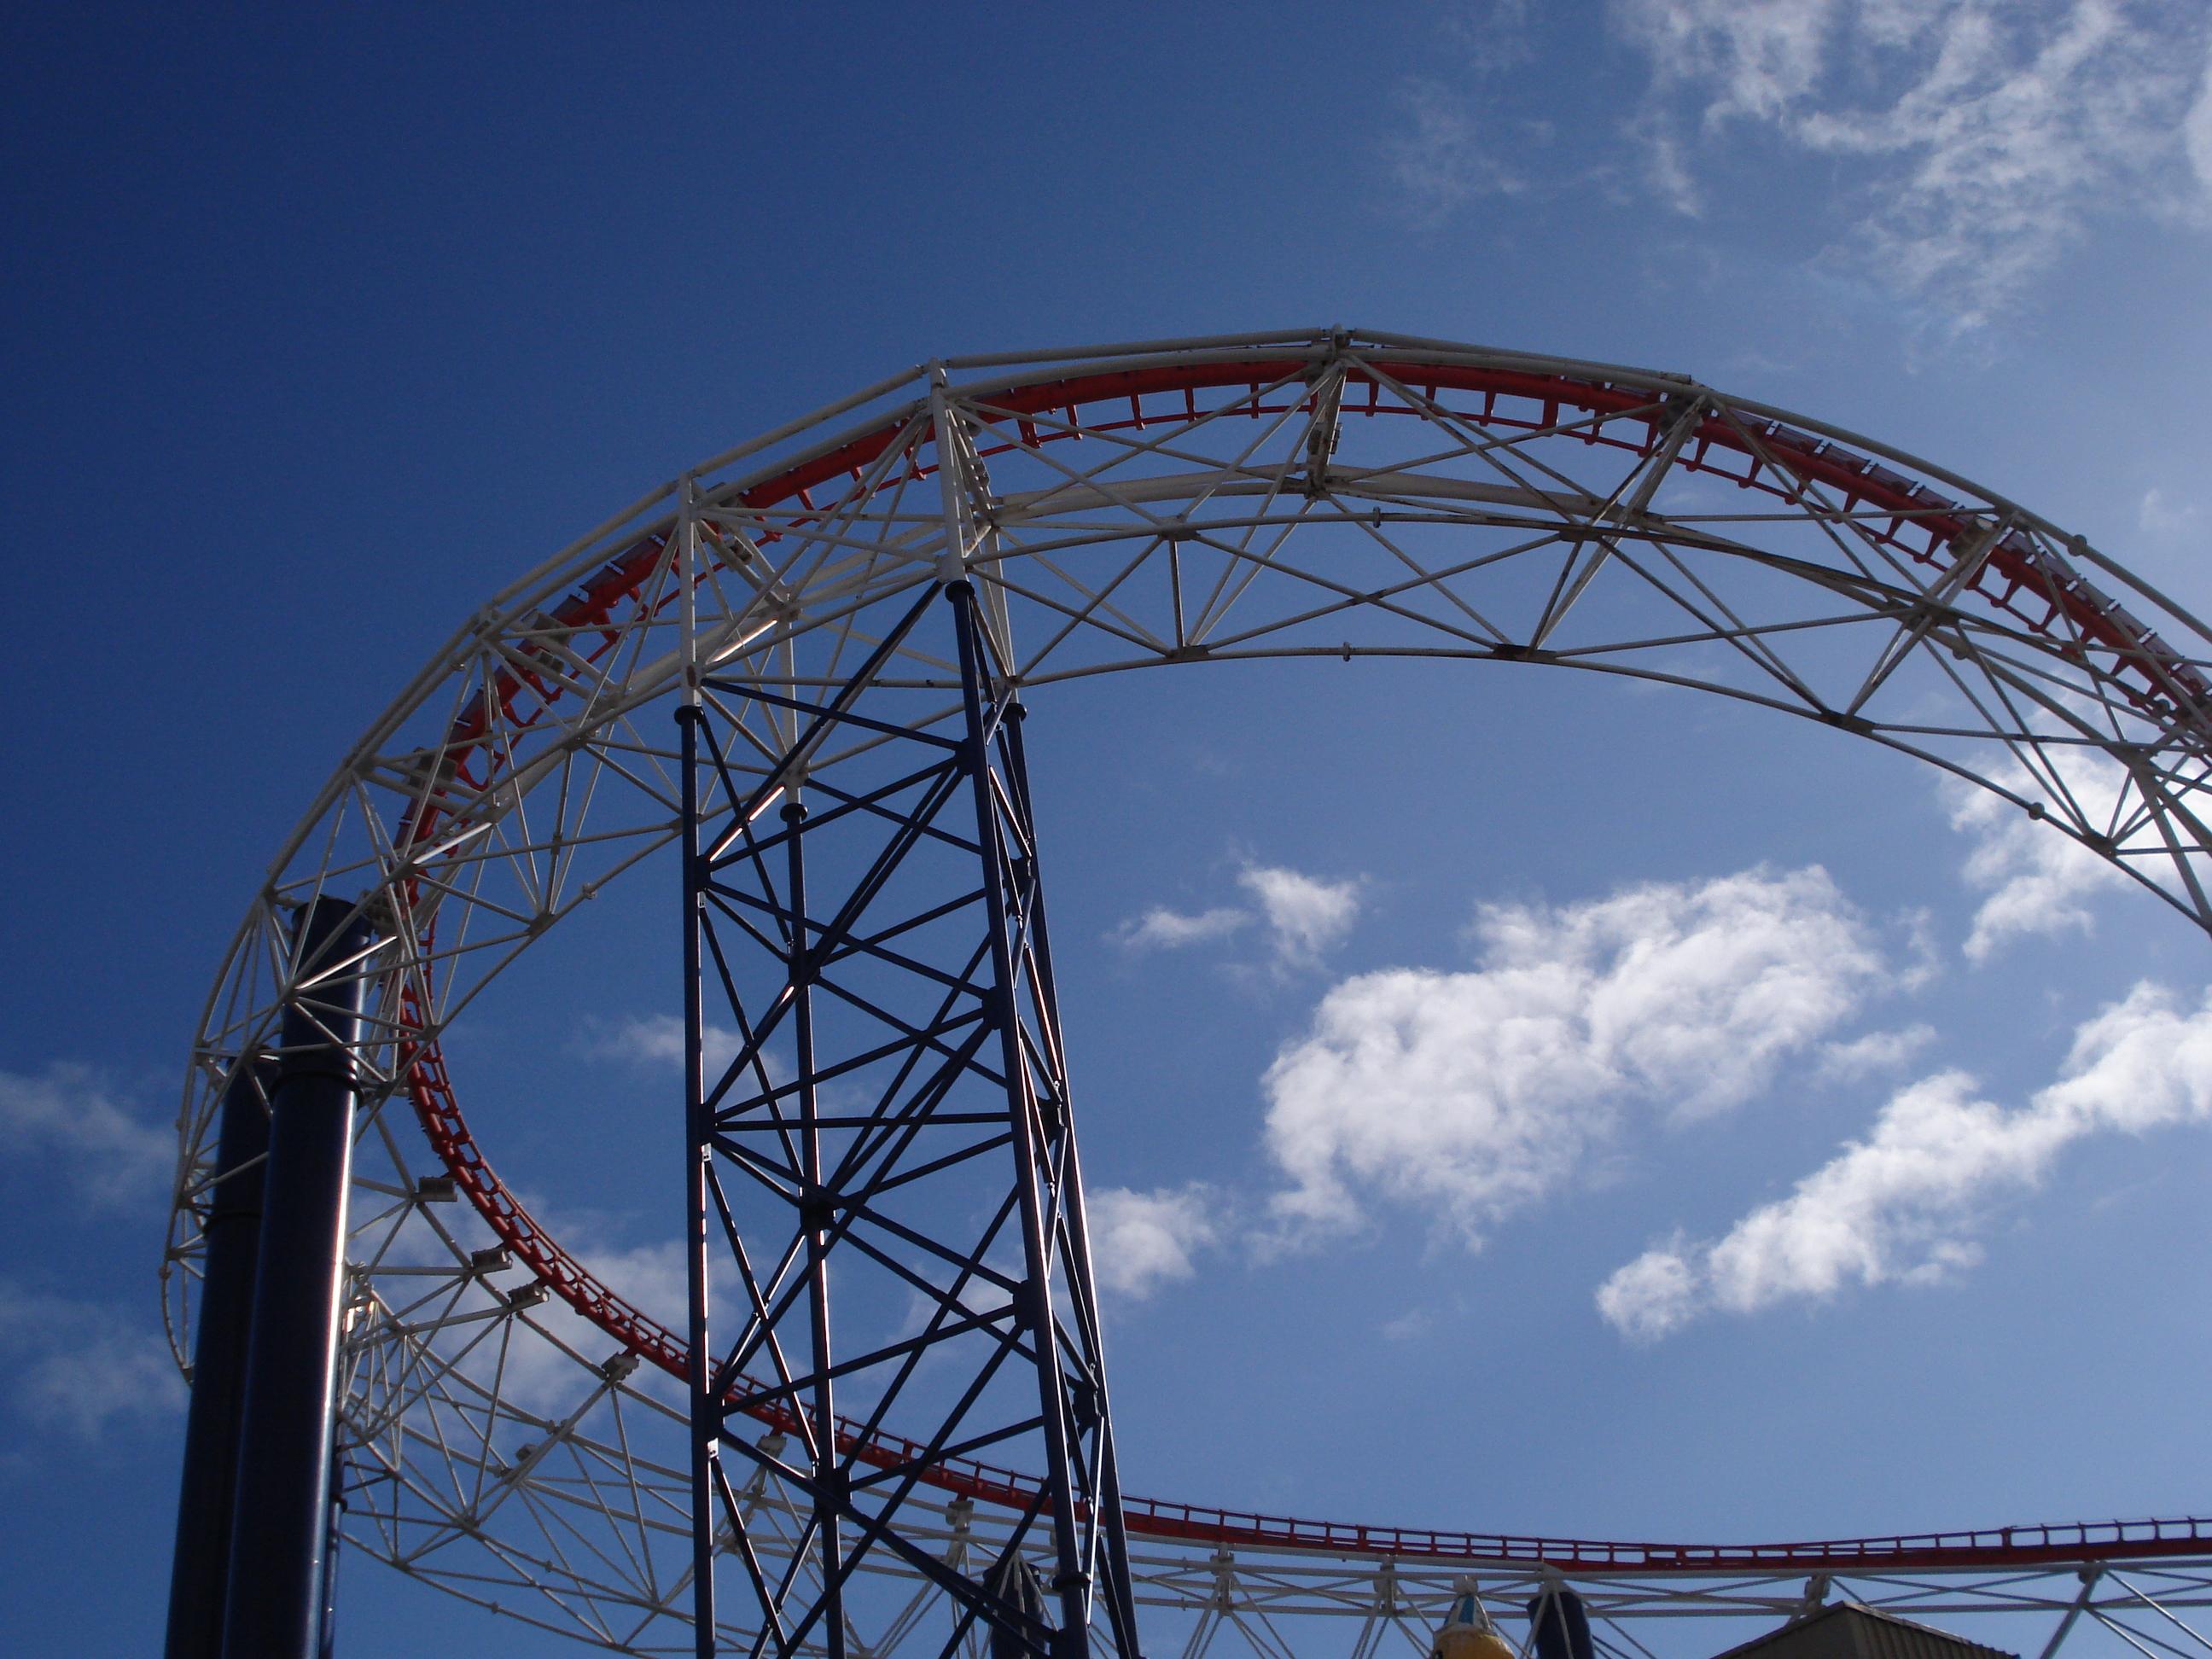 beach roller coaster - photo #12